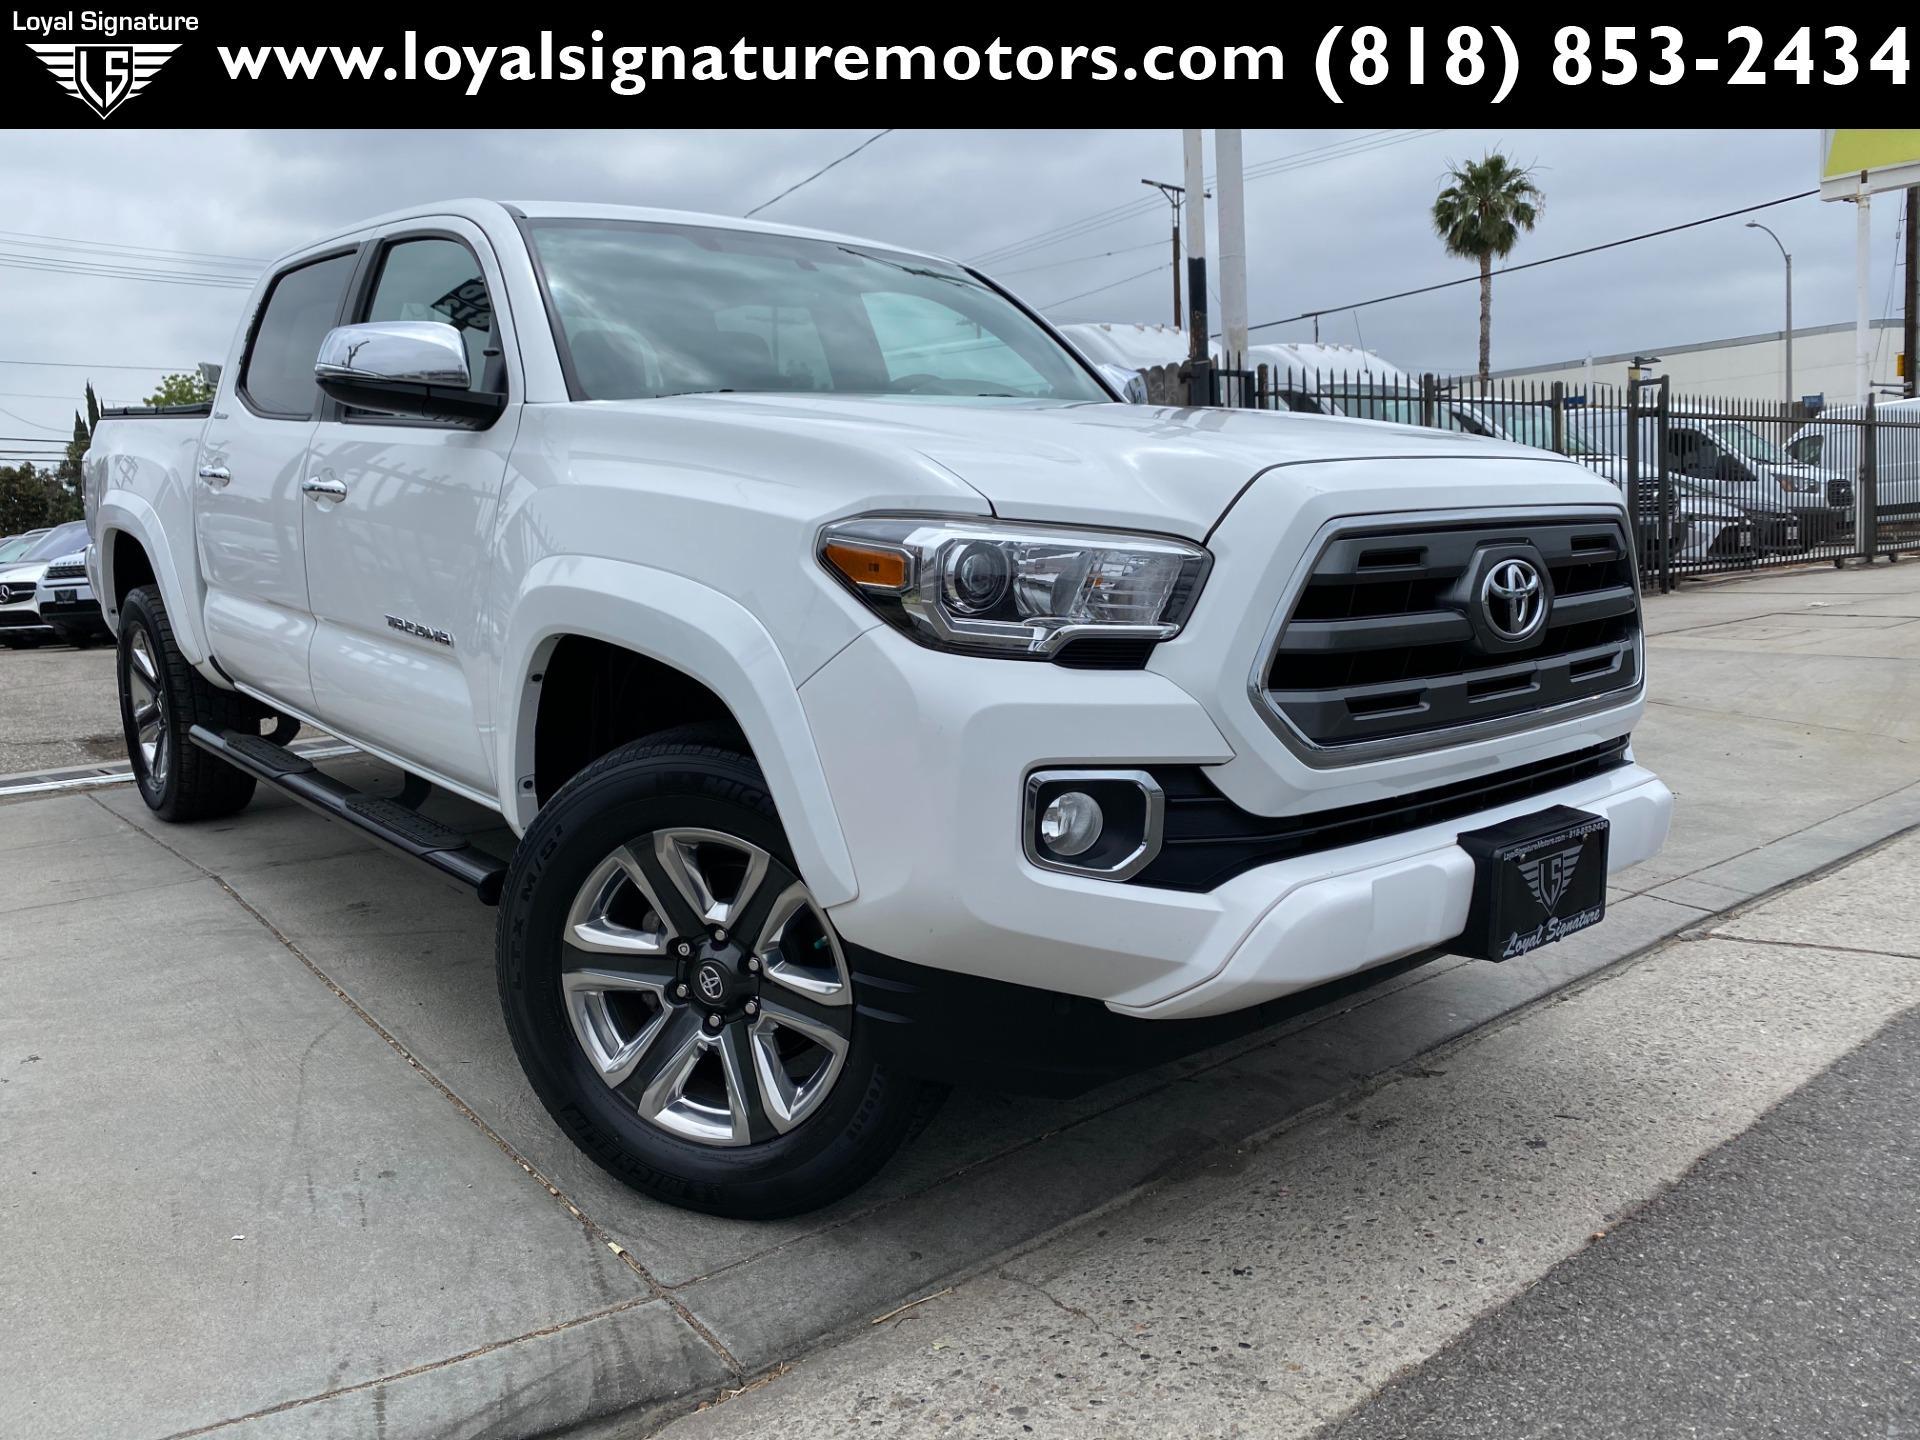 Used 2017 Toyota Tacoma Limited   Van Nuys, CA